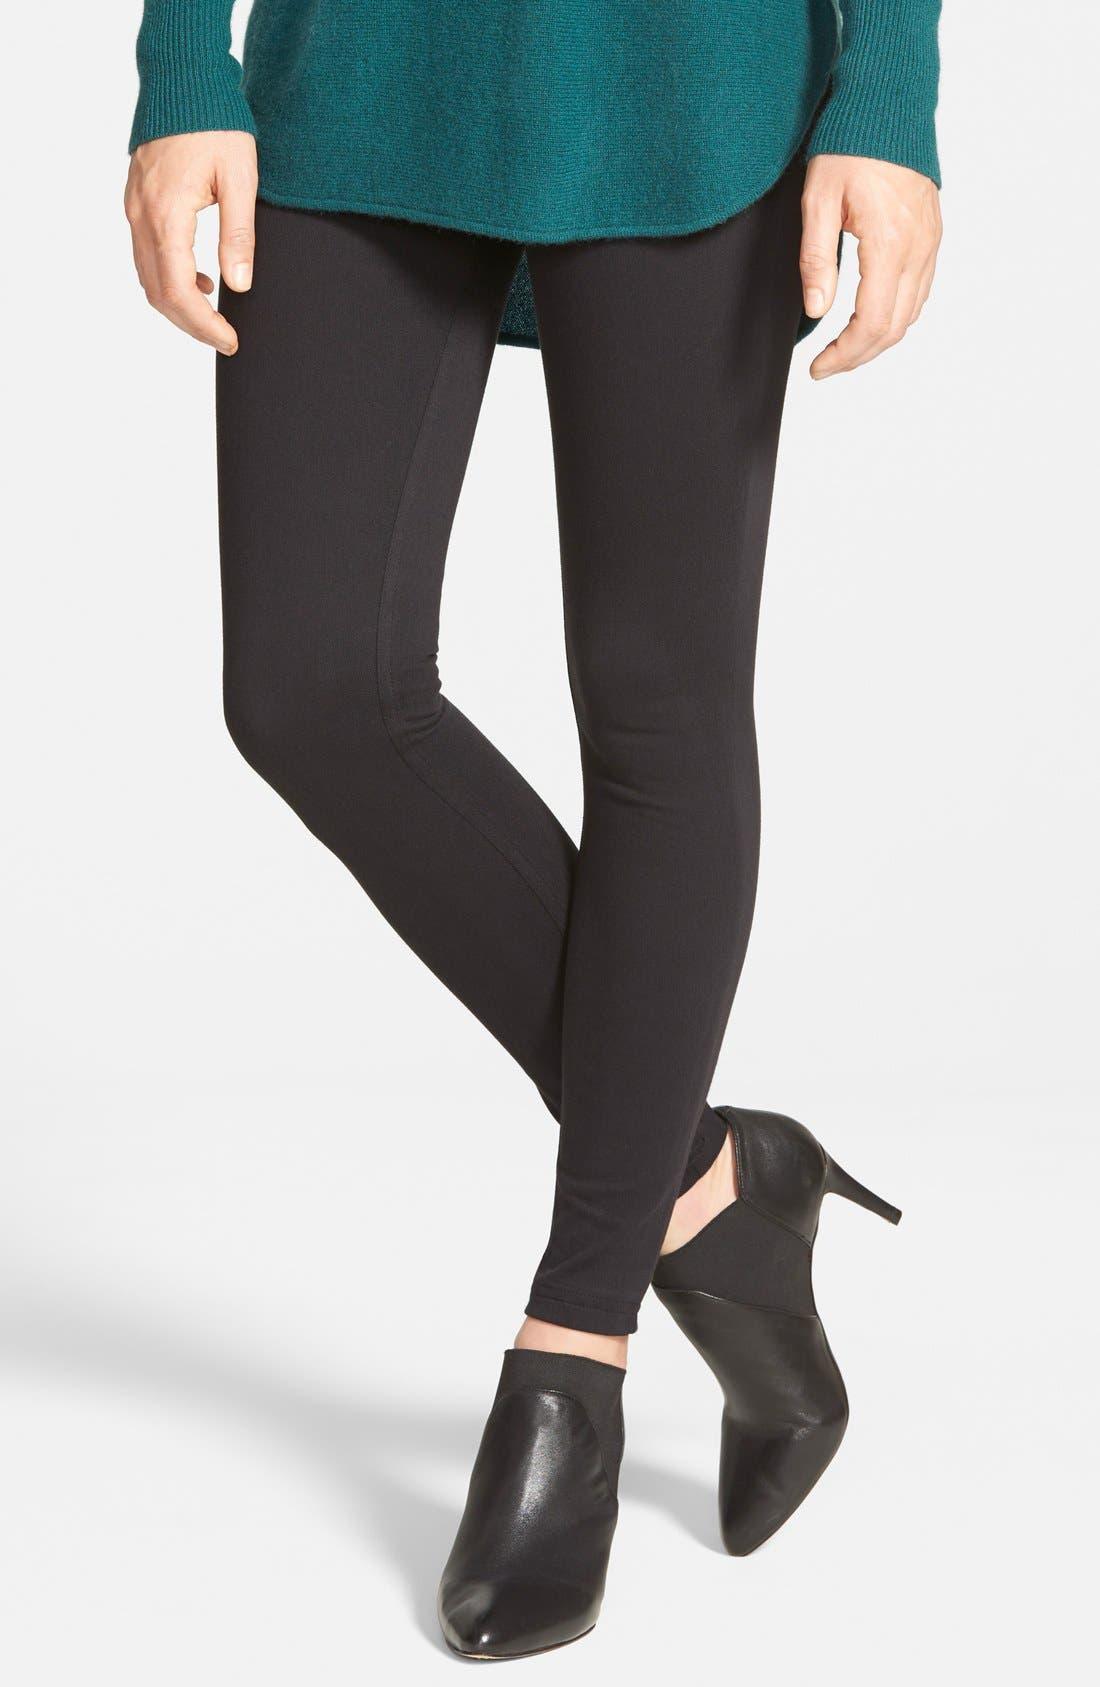 Super Smooth Denim Leggings,                         Main,                         color, 001